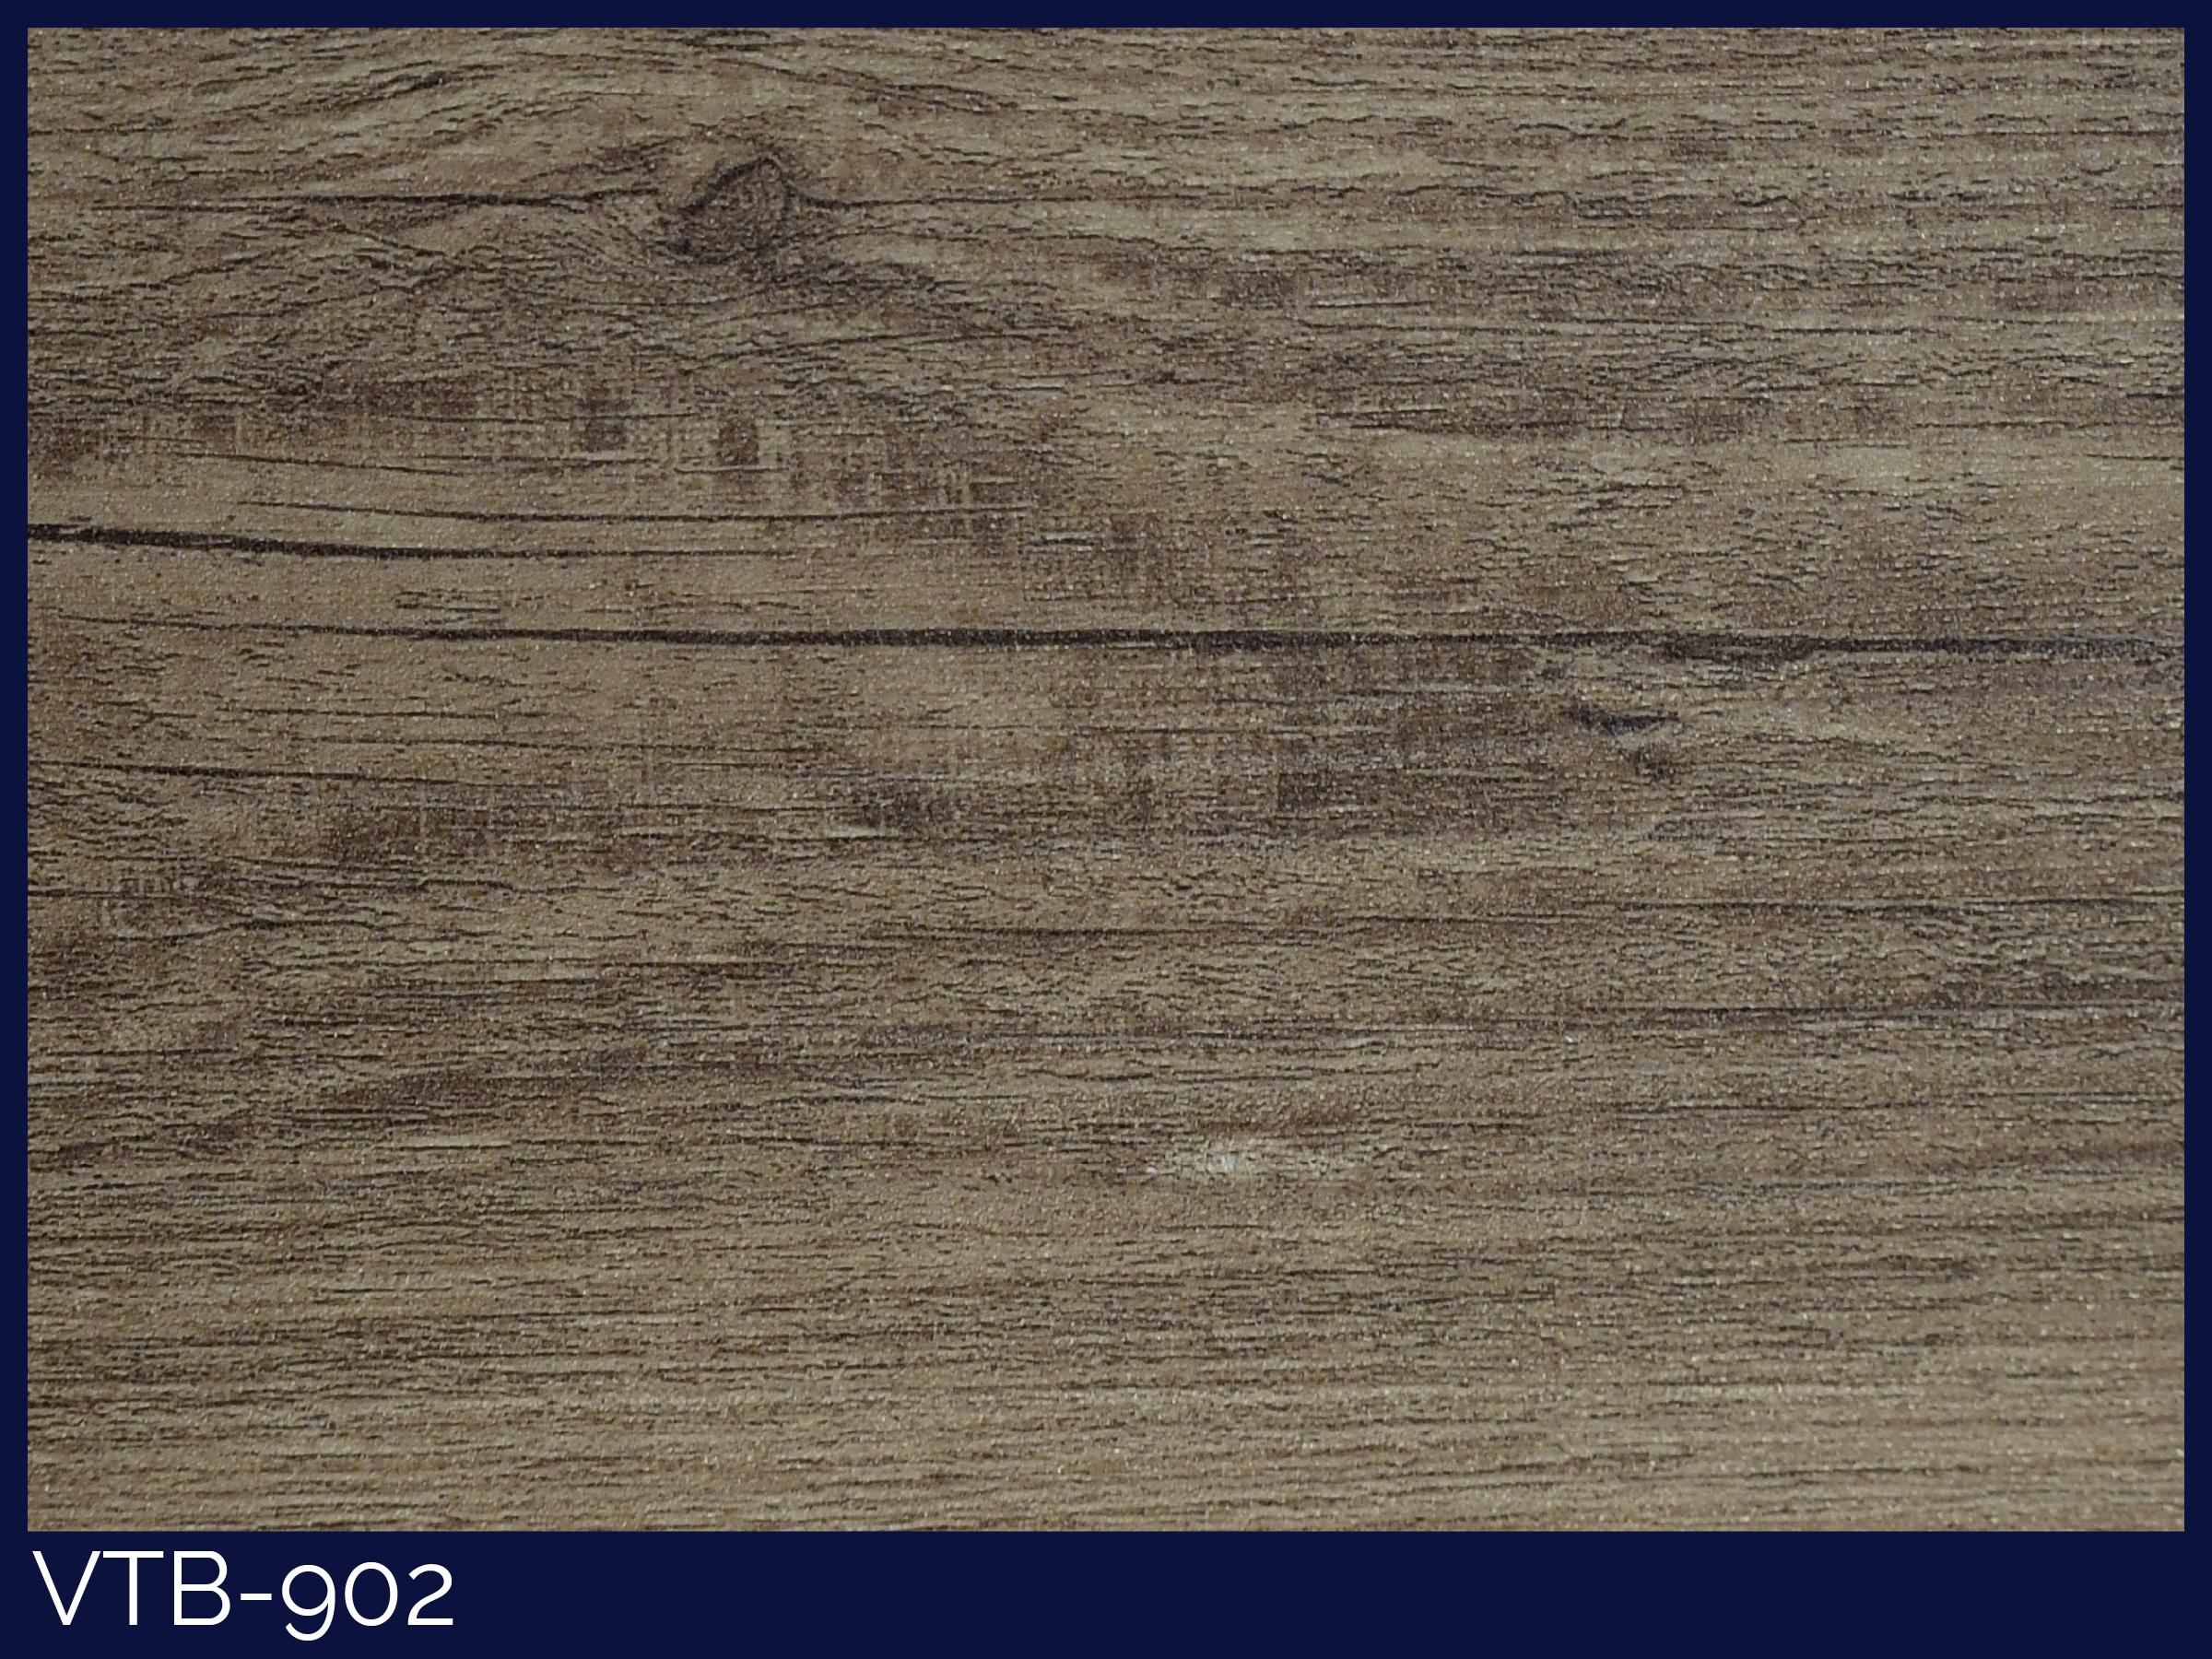 VTB-902.jpg